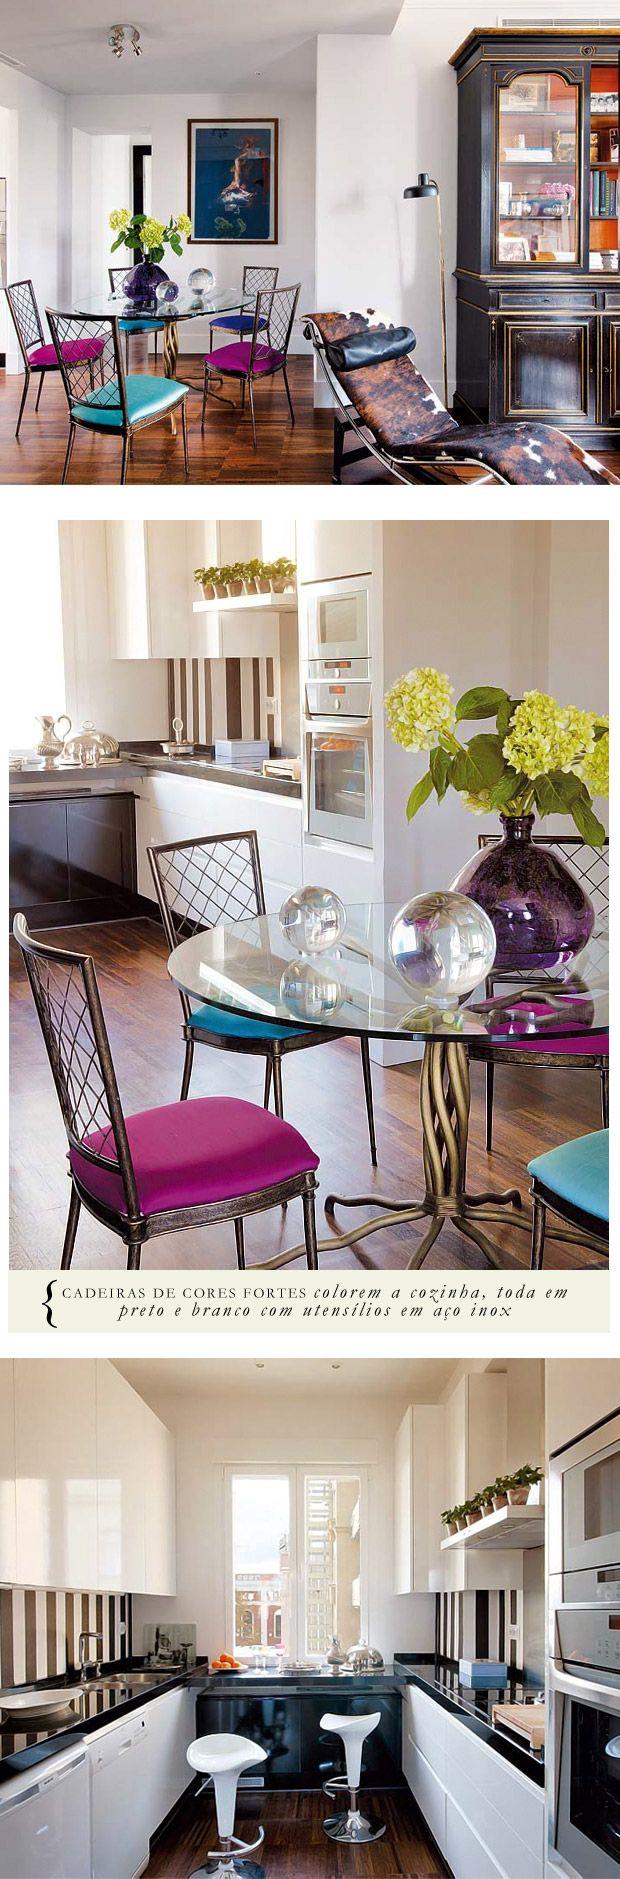 living-gazette-barbara-resende-decor-tour-apto-ecletico-cozinha